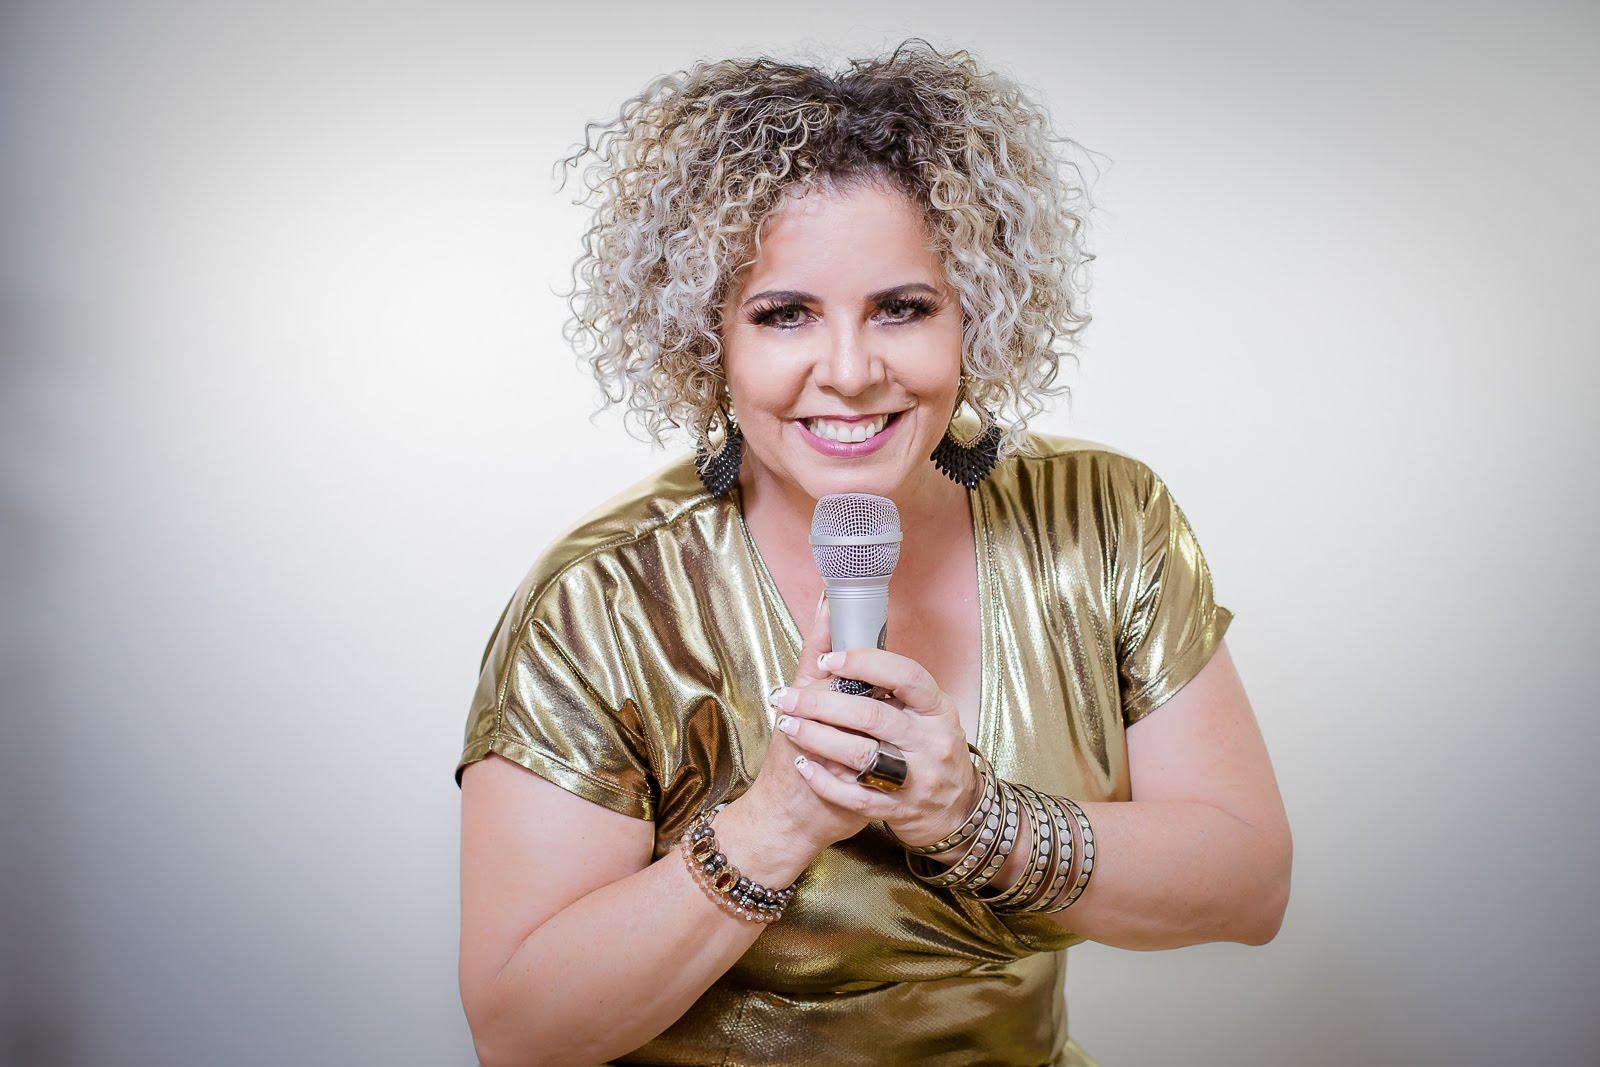 Drika de Sá e o grupo Galocantô do Rio de Janeiro se apresentarão em Campinas